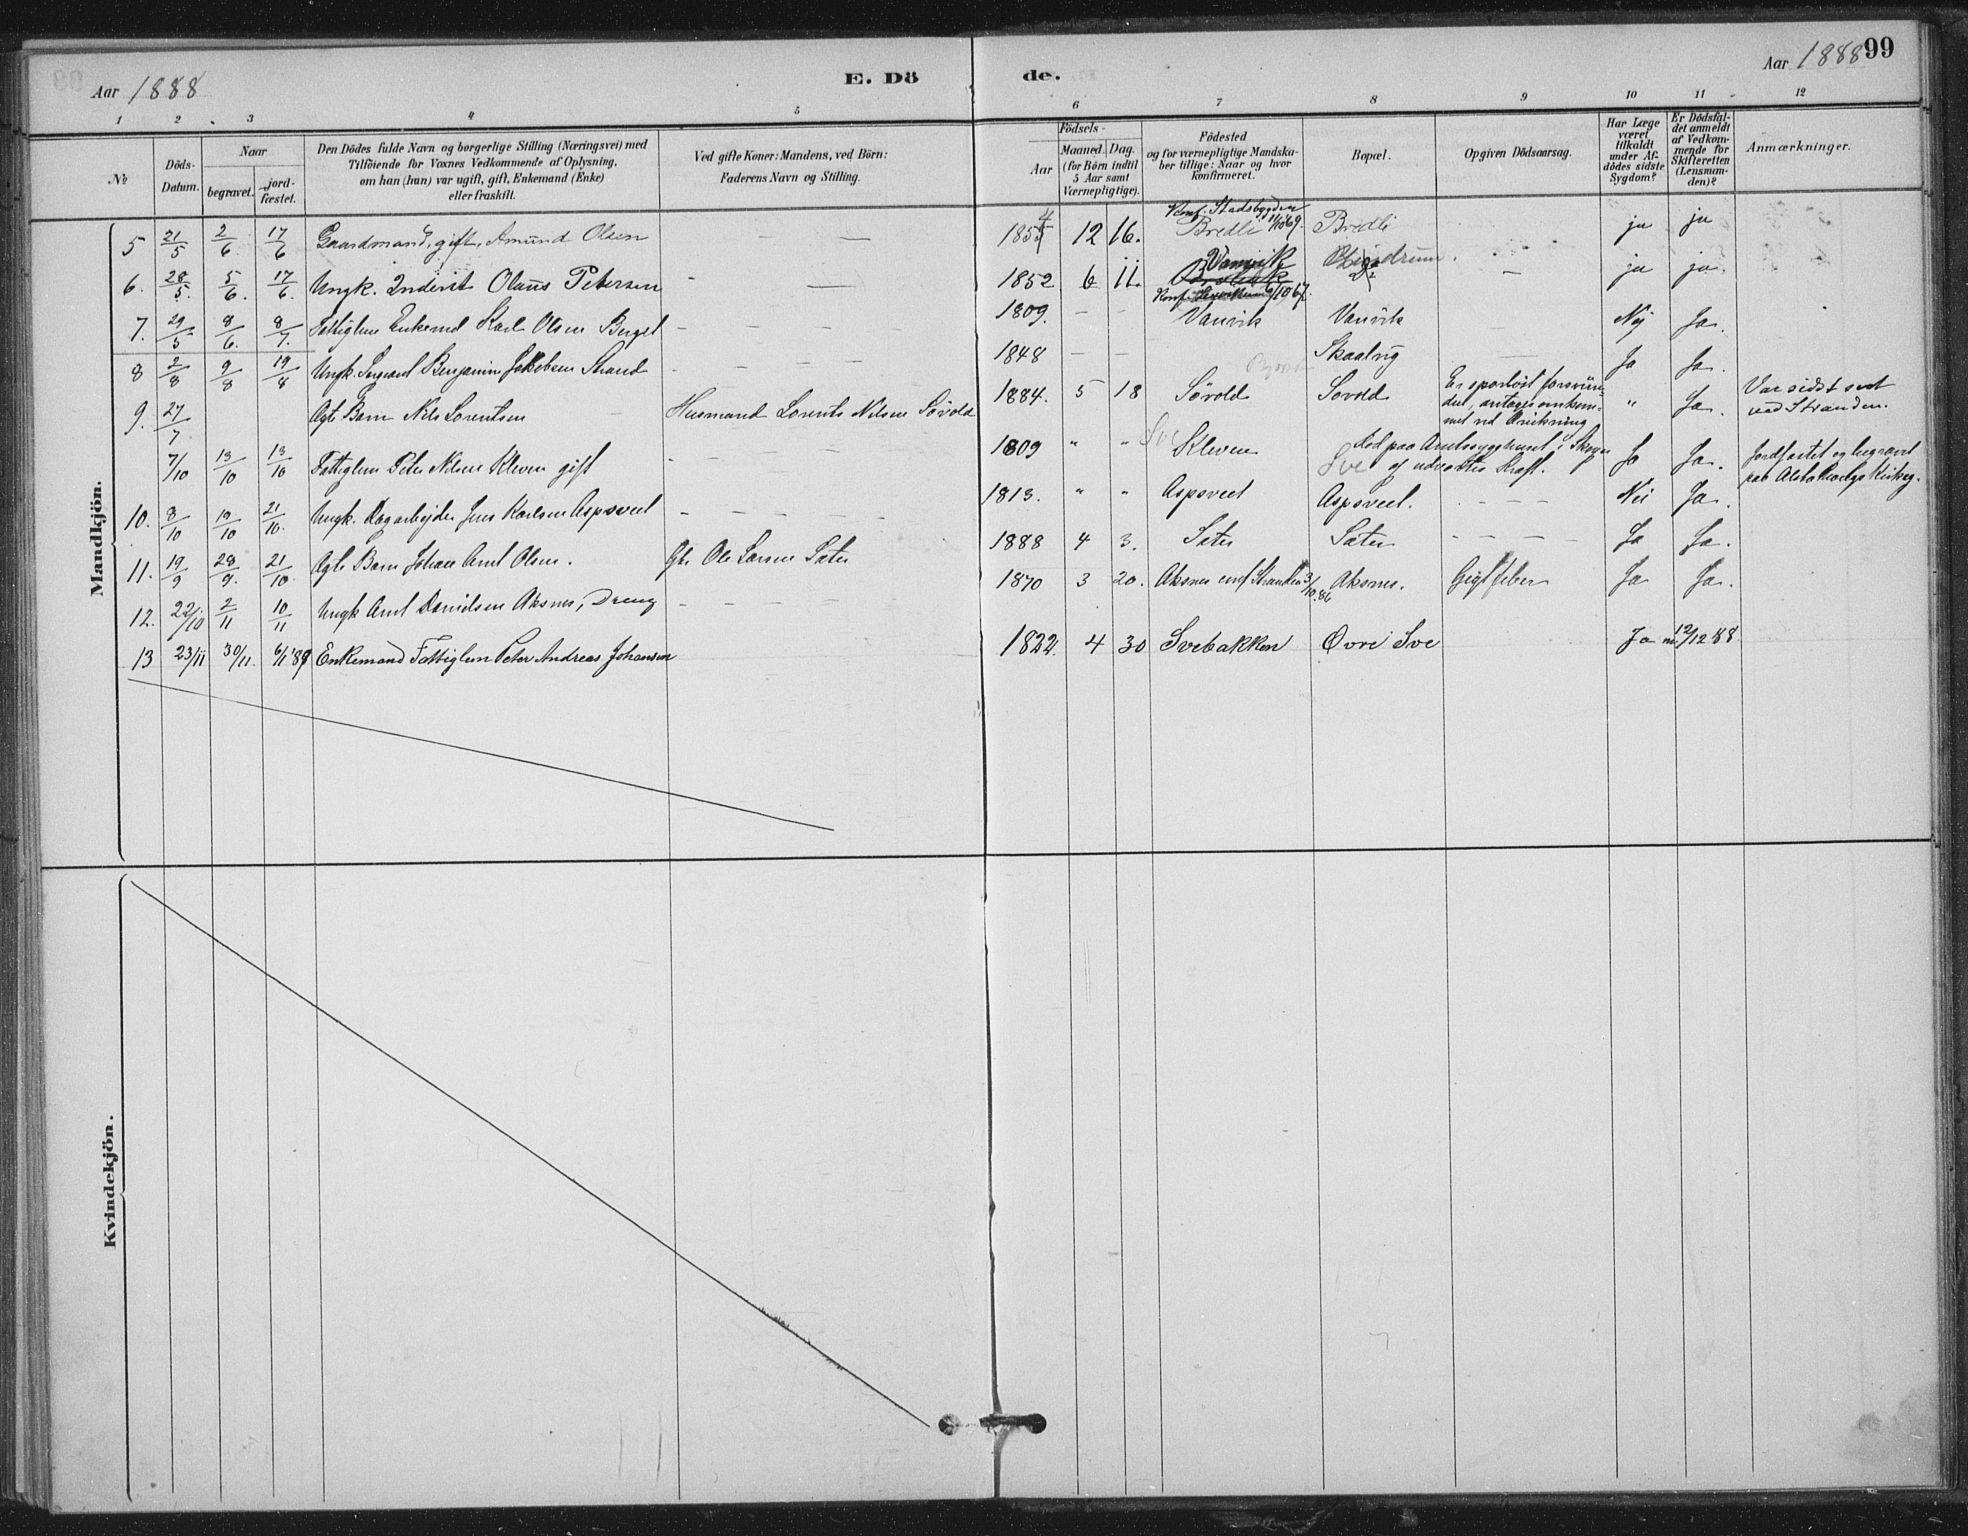 SAT, Ministerialprotokoller, klokkerbøker og fødselsregistre - Nord-Trøndelag, 702/L0023: Ministerialbok nr. 702A01, 1883-1897, s. 99